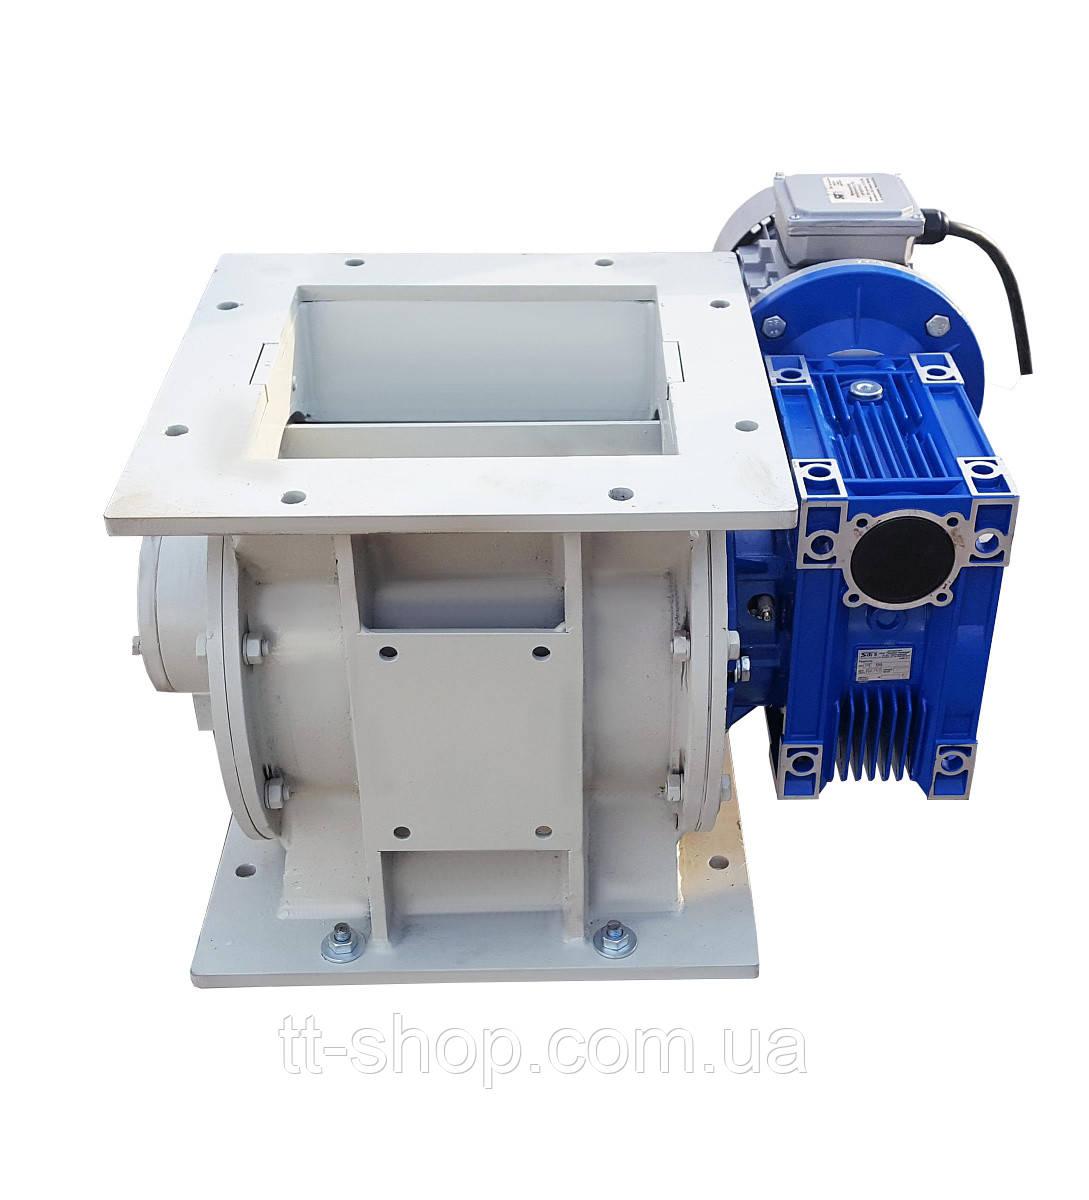 Шлюзовой питатель (дозатор) 270 мм, 0,75 кВт.